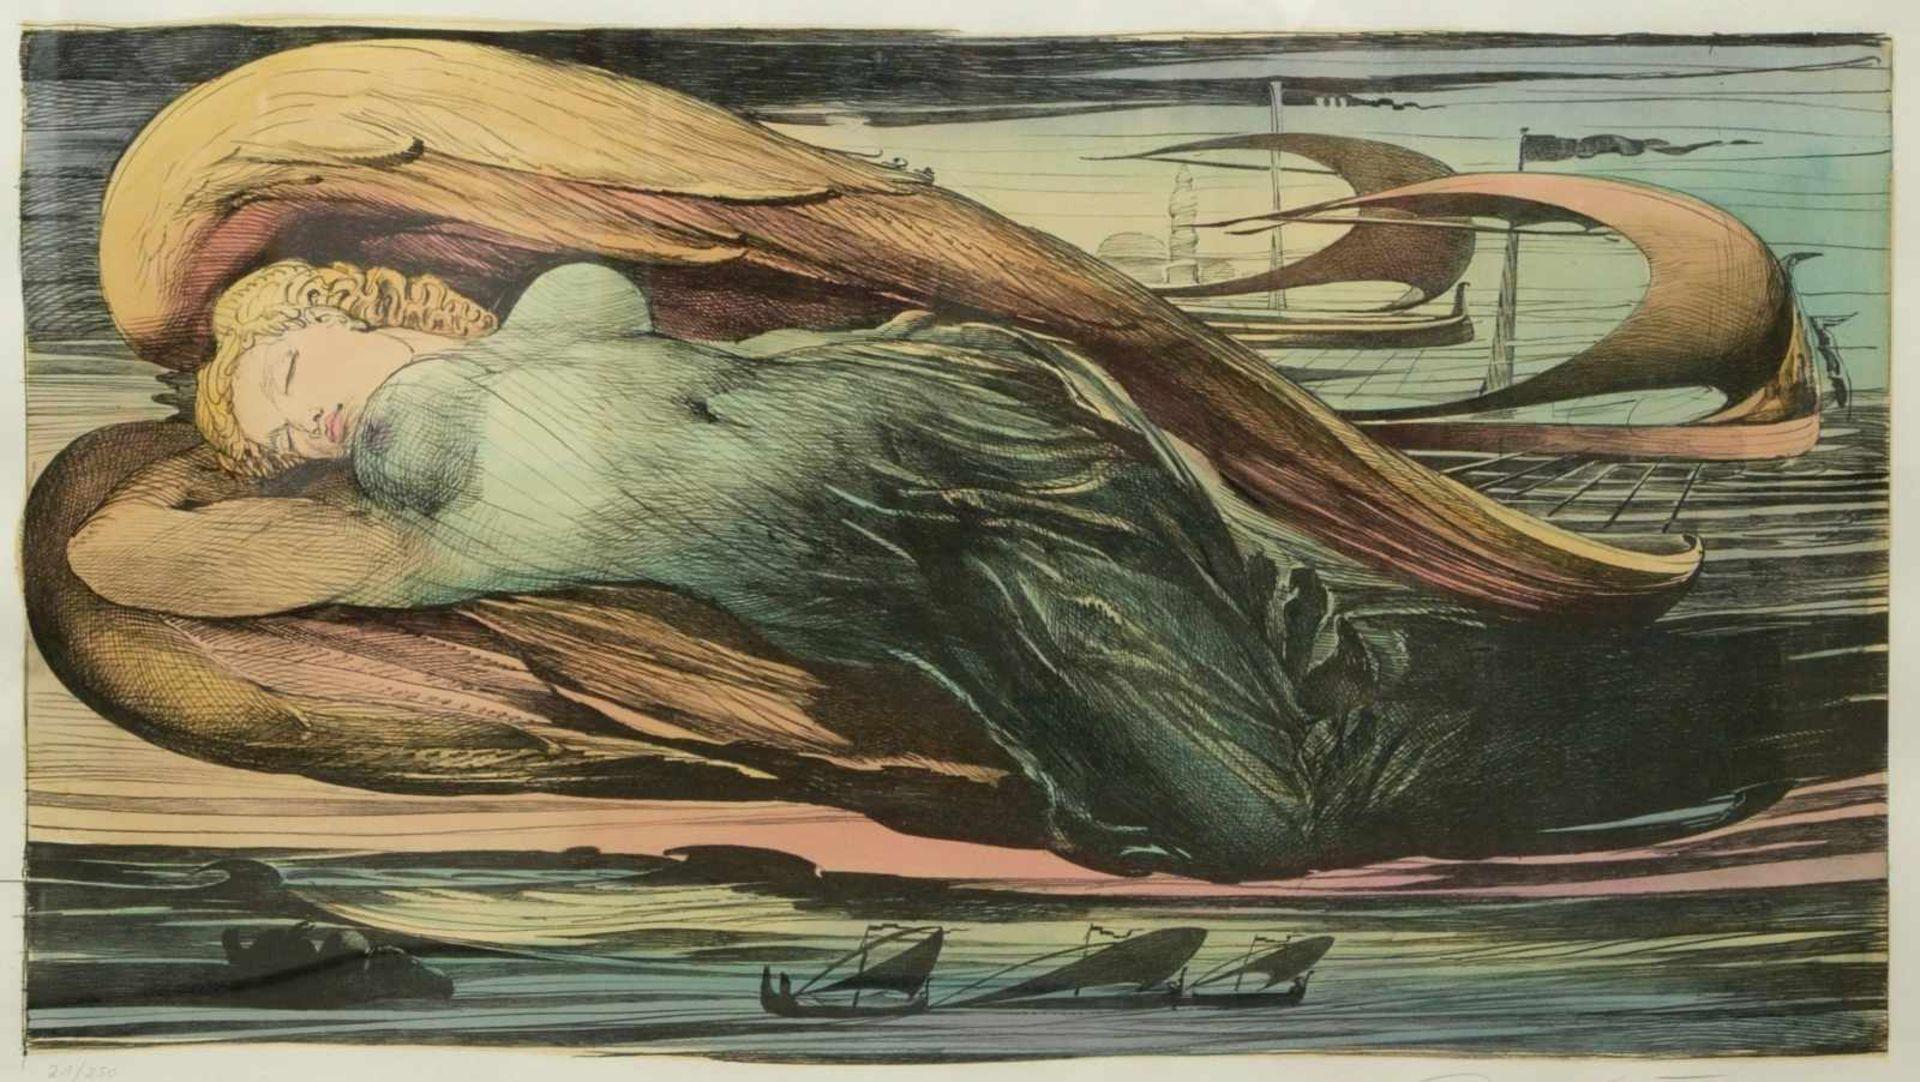 Los 27 - Fuchs, Ernst (1930-2015) - Engel über Wien Farbradierung 21/250Großformatige Darstellung eines